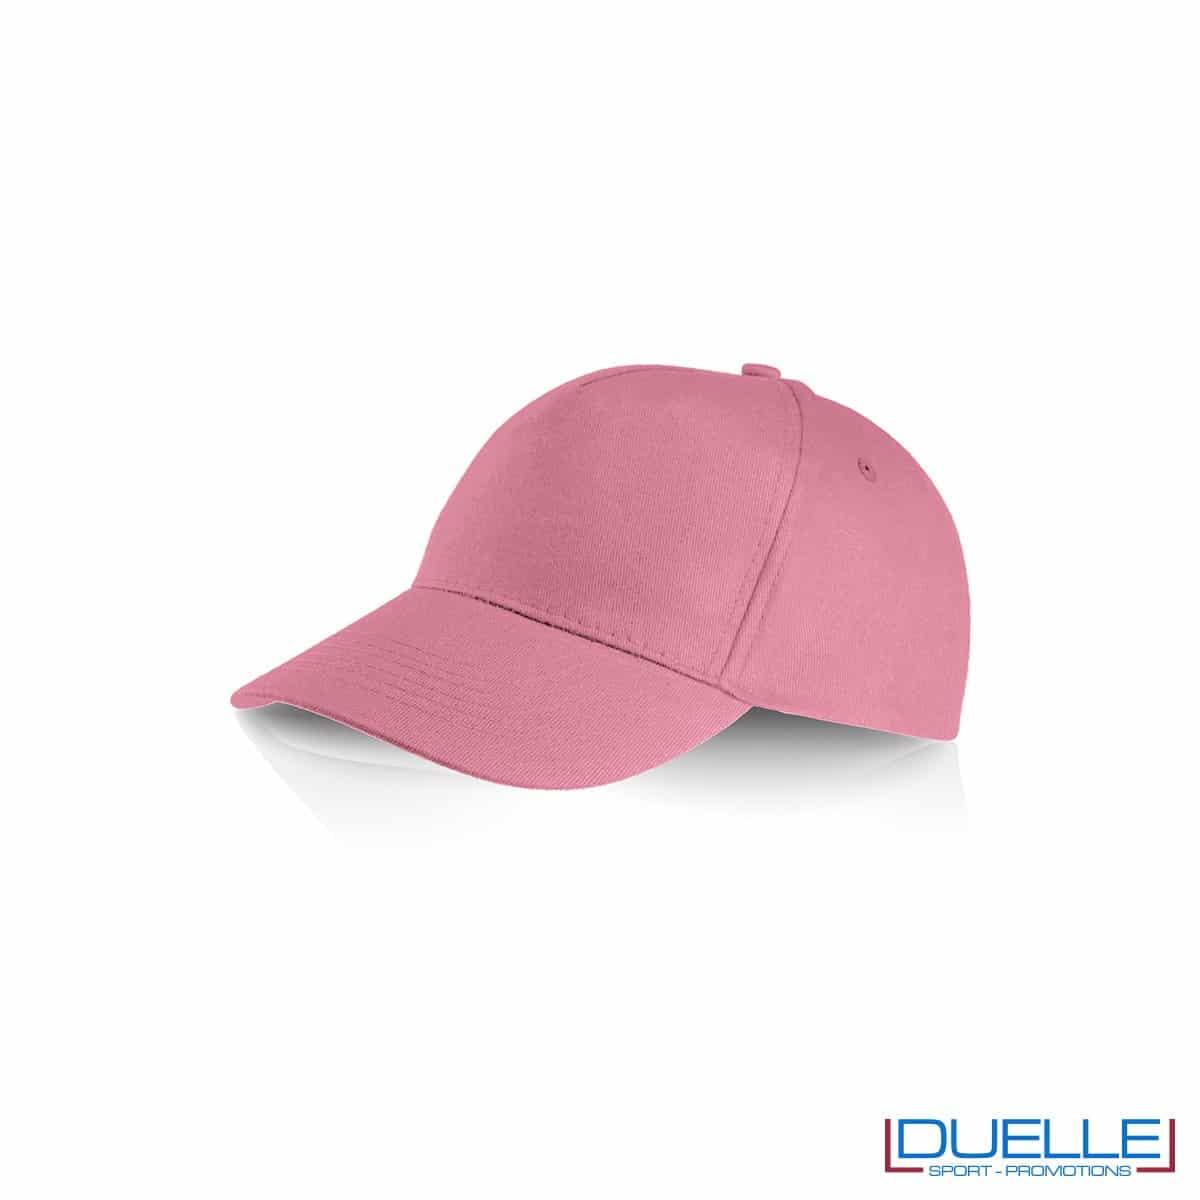 Cappellino personalizzato cotone rosa, cappellini promozionali baseball, cappellini baseball personalizzati rosa